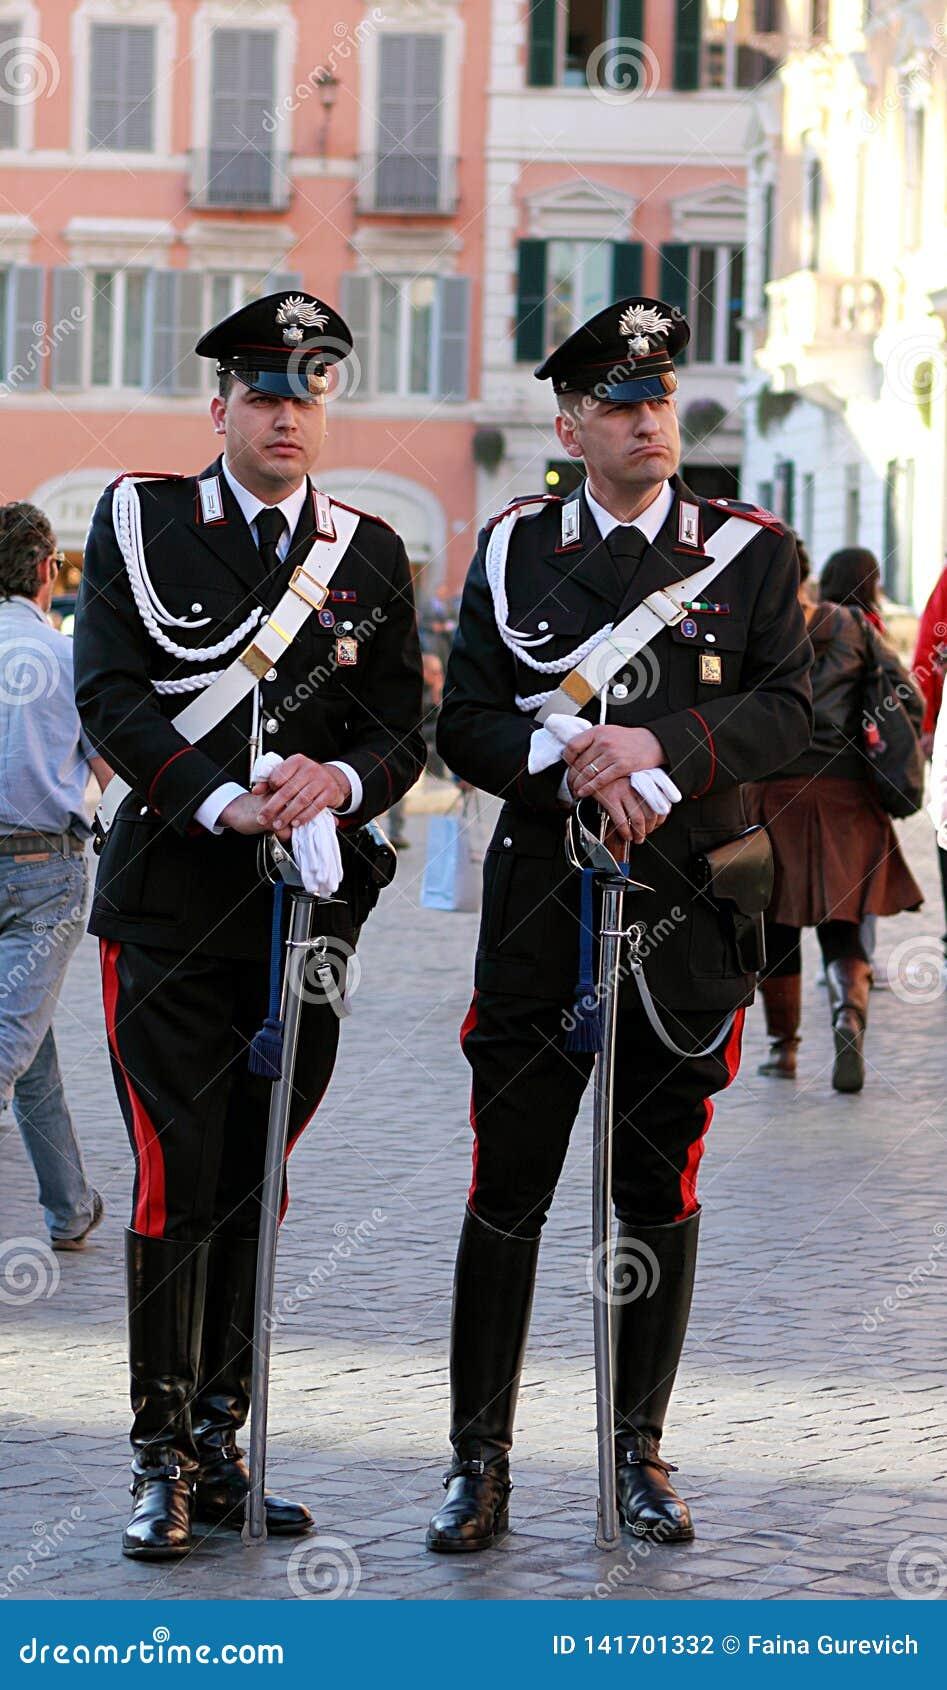 Zwei Schutz carabinieri auf der Straße nahe berühmten spanischen Schritten in Rom